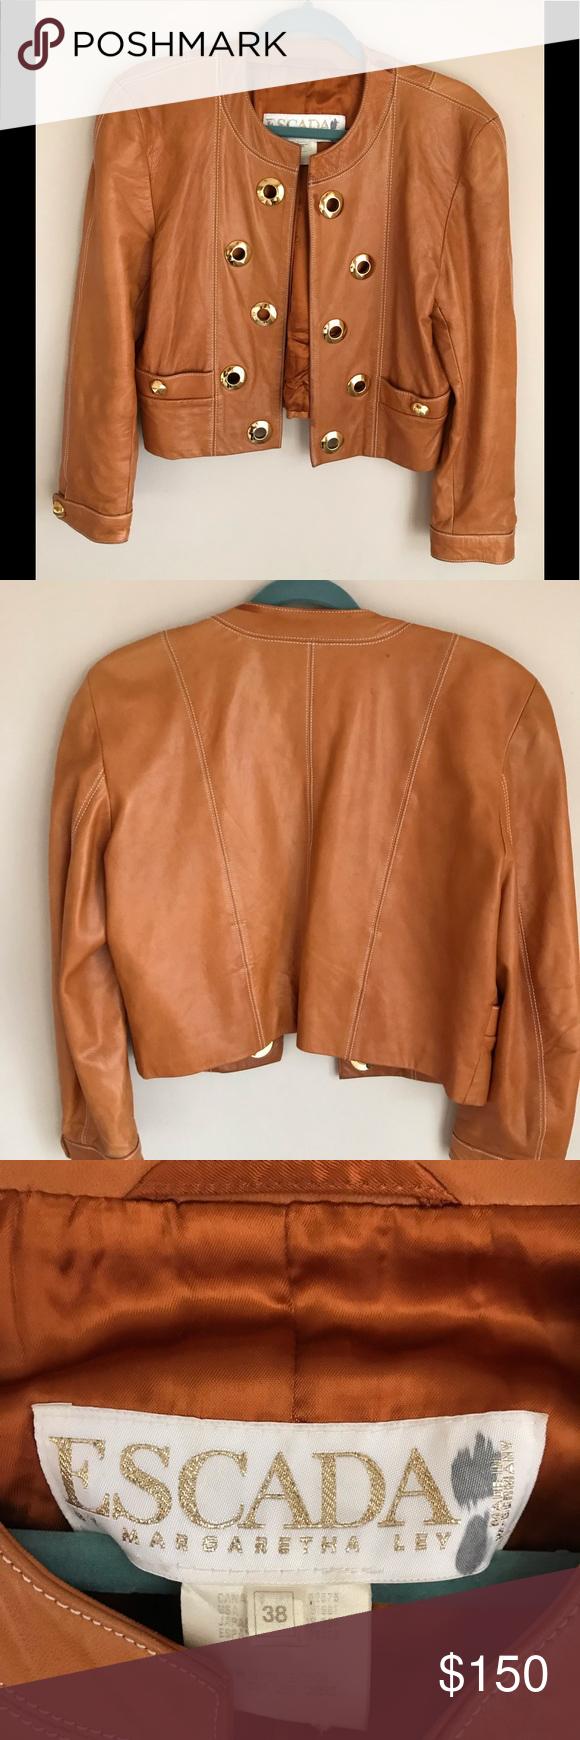 Escada Vintage Leather Jacket Vintage Leather Jacket Leather Jacket Jackets [ 1740 x 580 Pixel ]